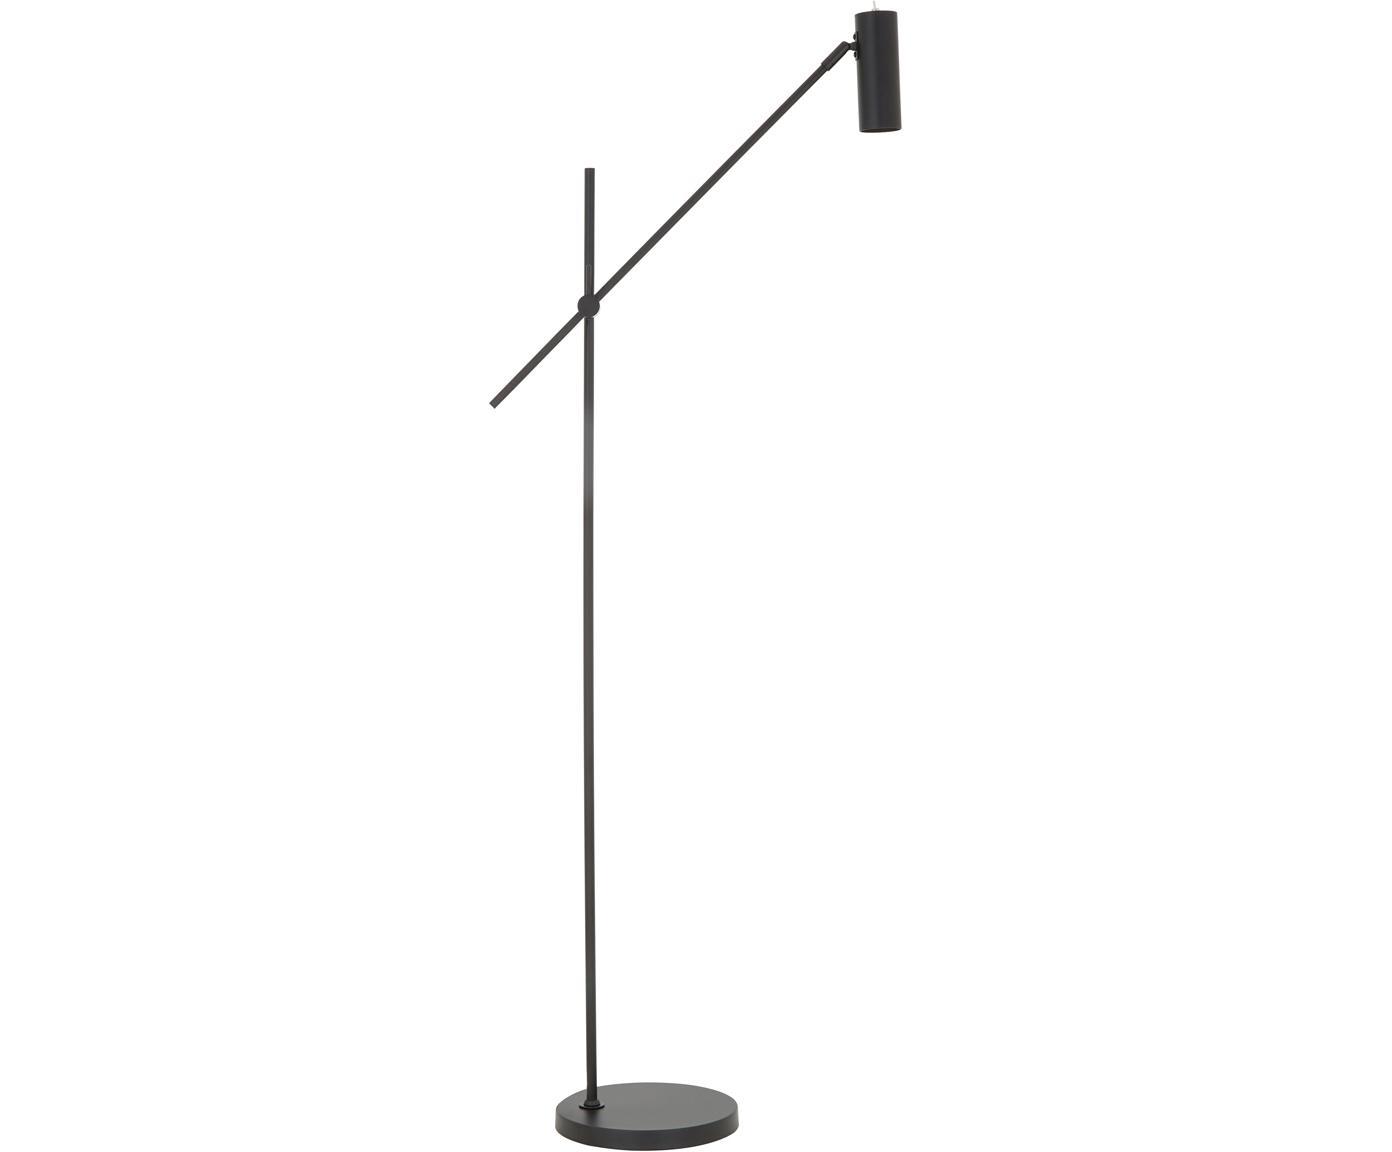 Stehlampe Cassandra, Lampenschirm: Metall, pulverbeschichtet, Lampenschirm:Schwarz, mattLampenfuss:Schwarz, mattKabel: Schwarz, 75 x 152 cm